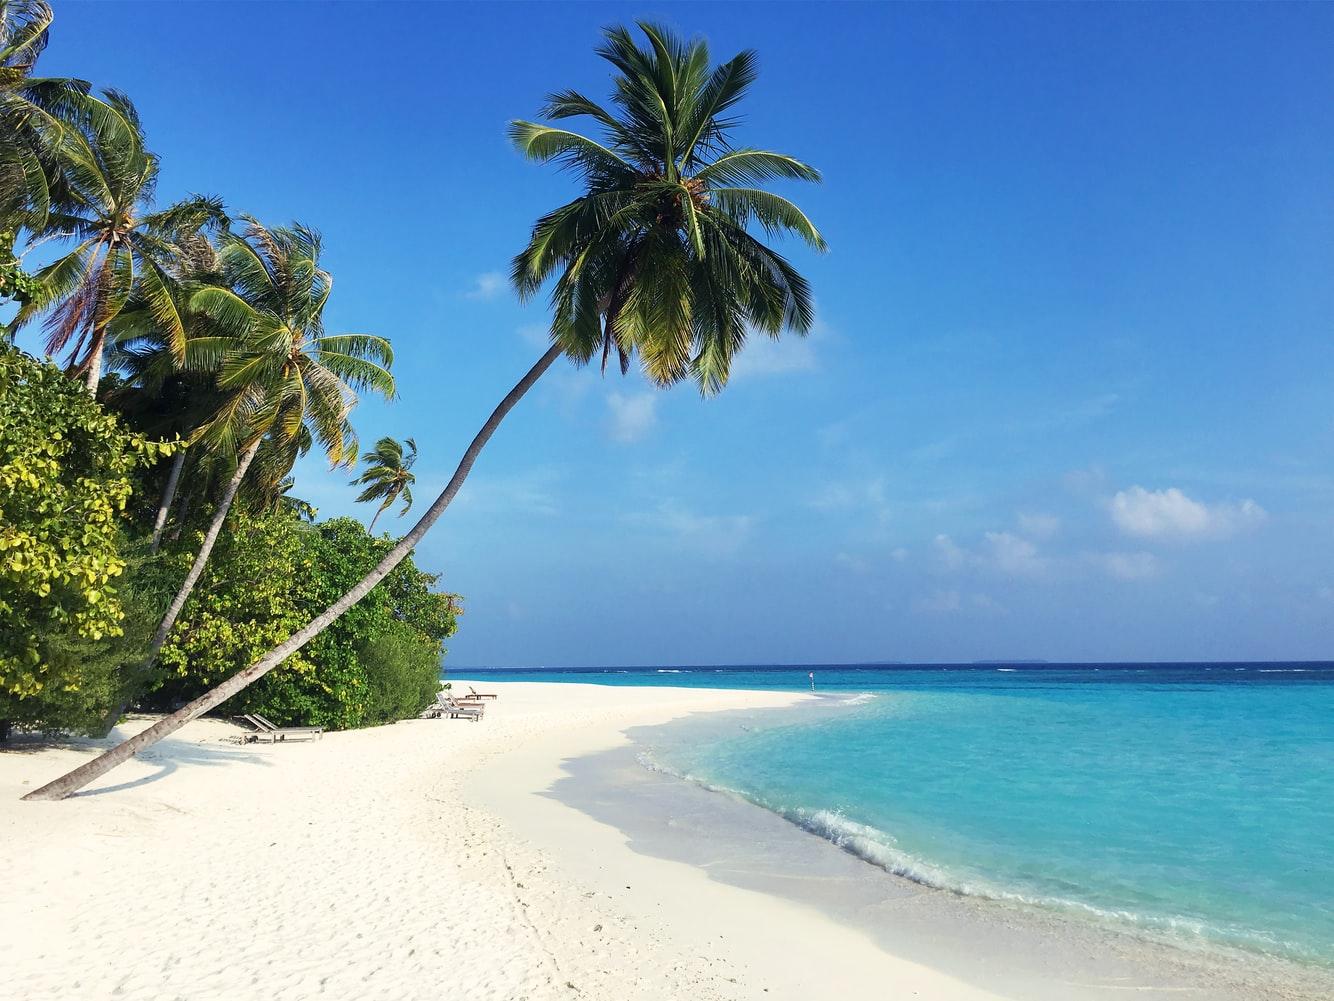 pourquoi-privilegier-un-combine-sri-lanka-–-maldives-pour-vos-prochaines-vacances-?